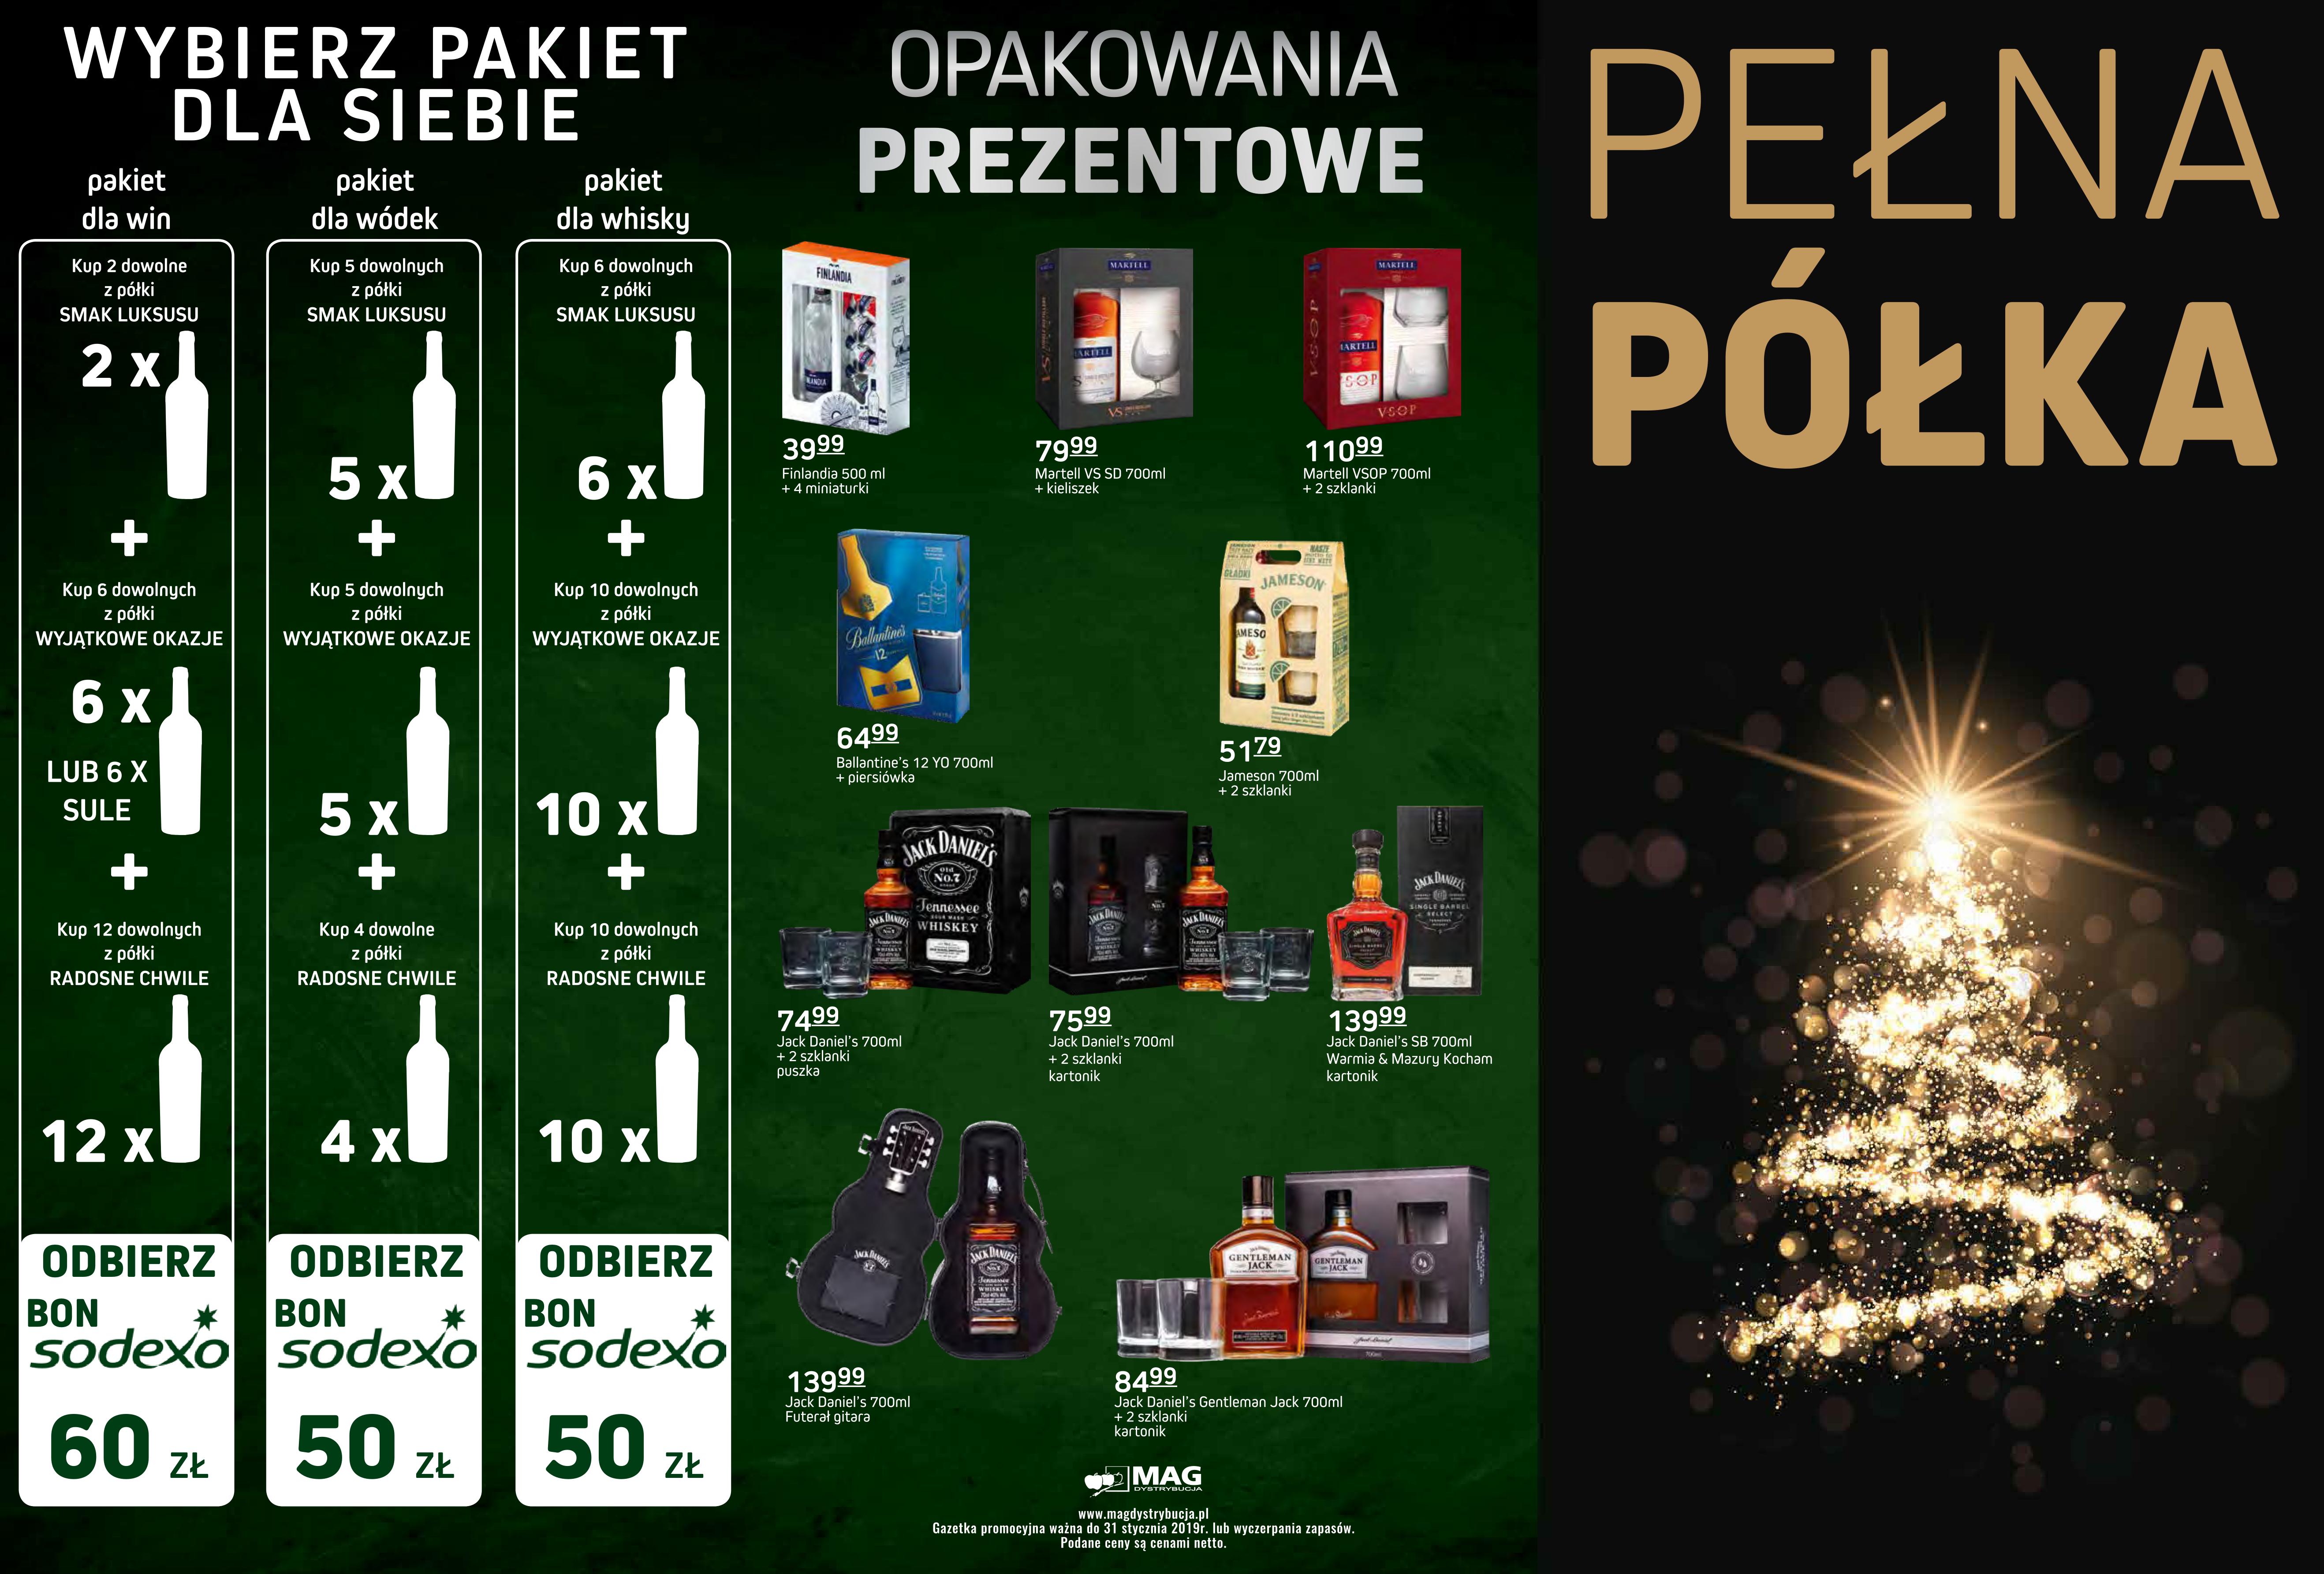 pelna_polka_Olsztyn_1